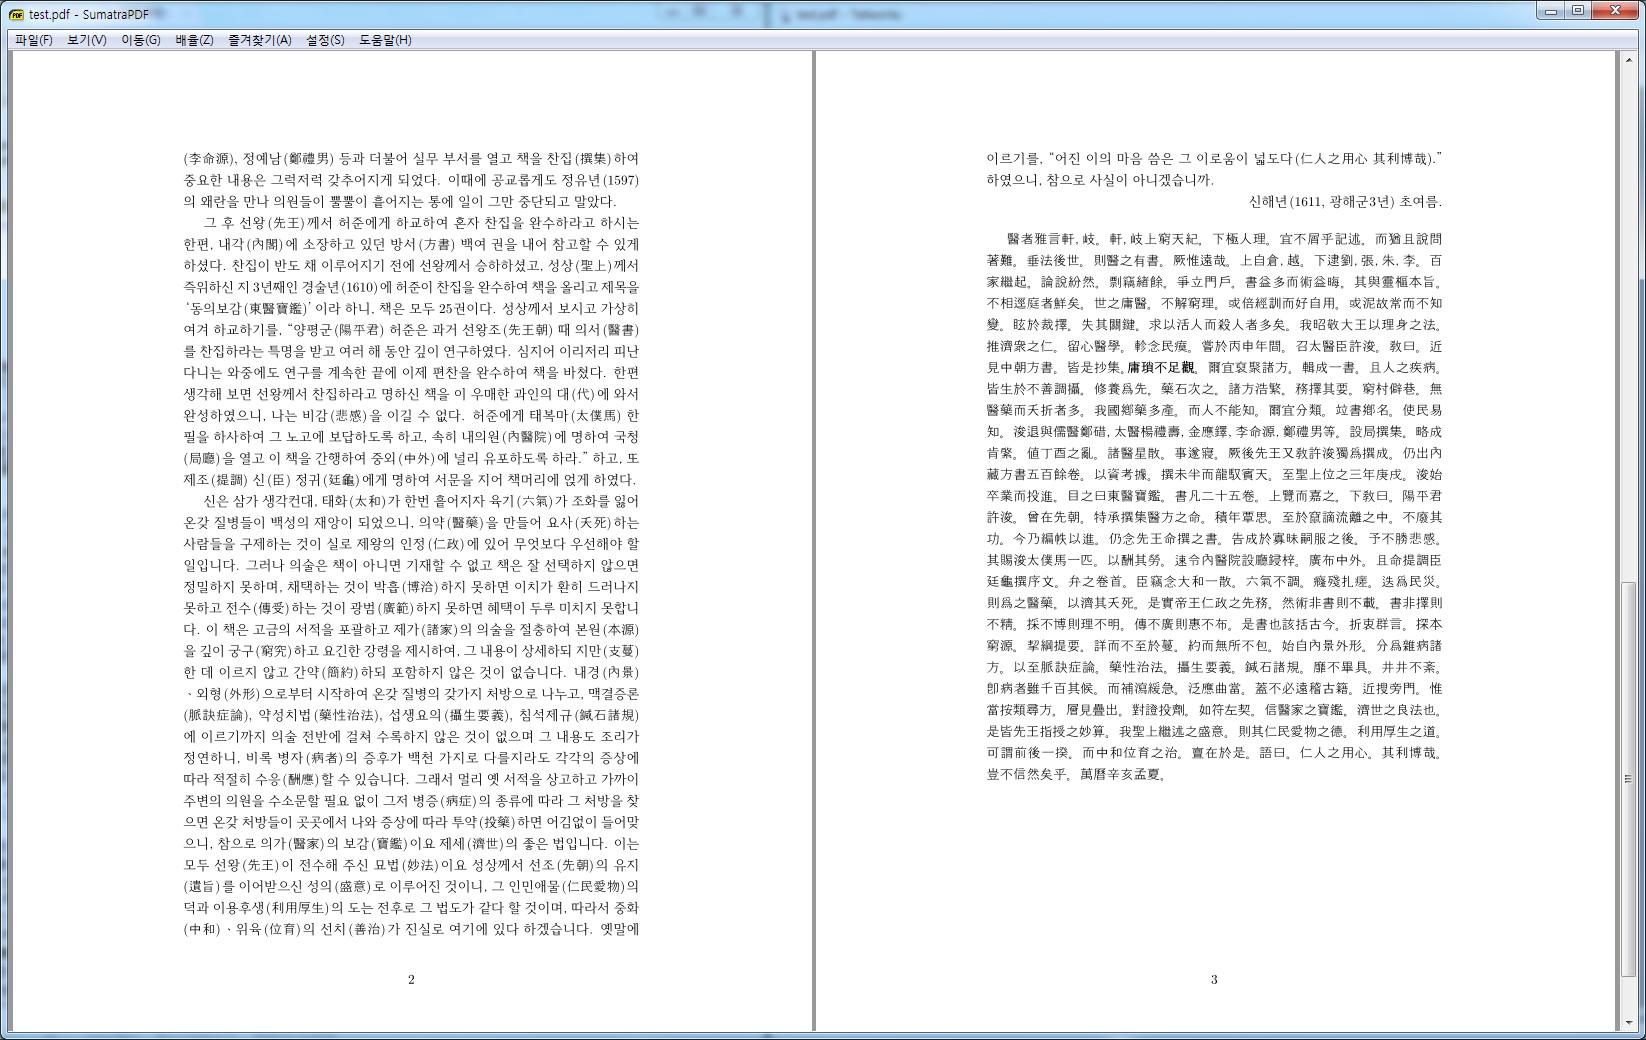 pdf_result.png